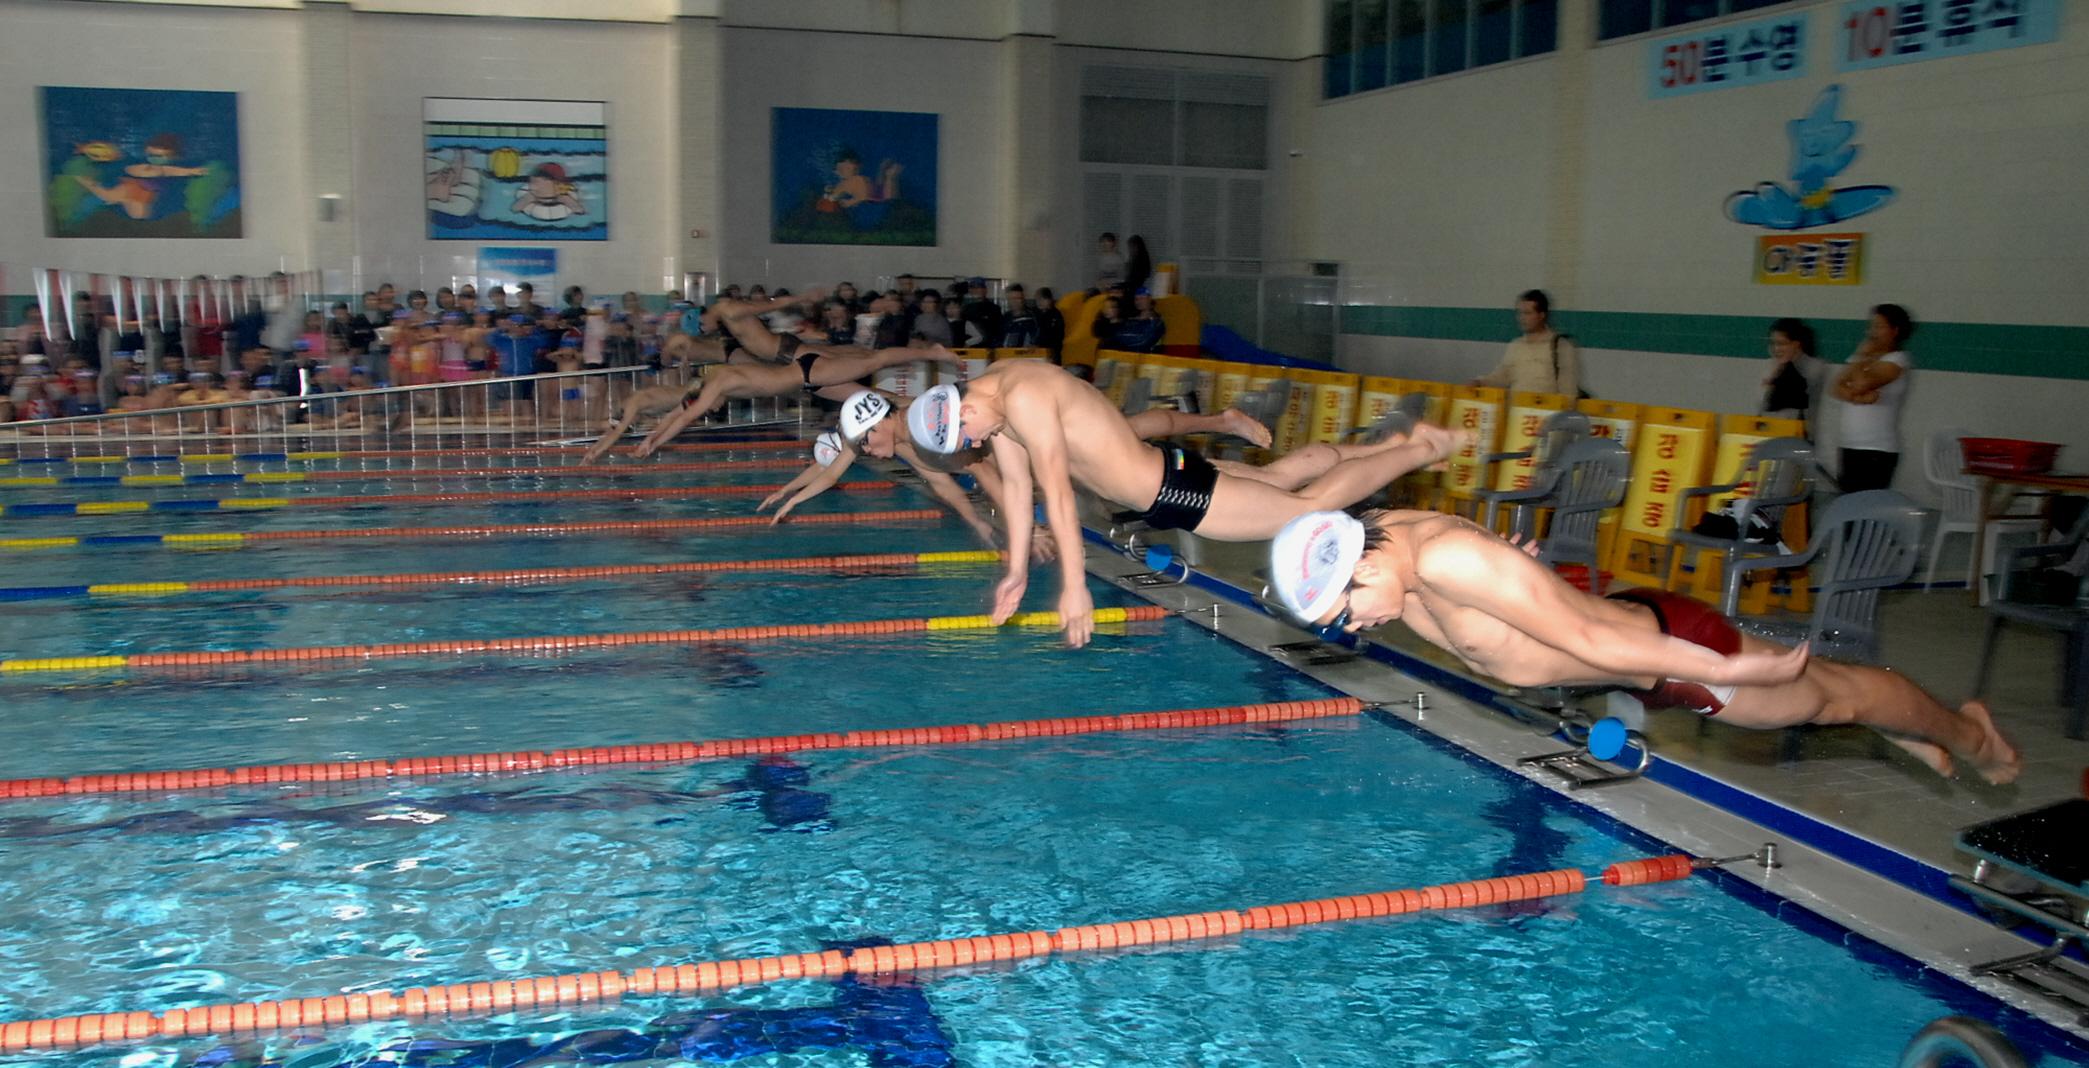 제1회 증평군수영연맹회장배 수영대회 성료 [이미지]